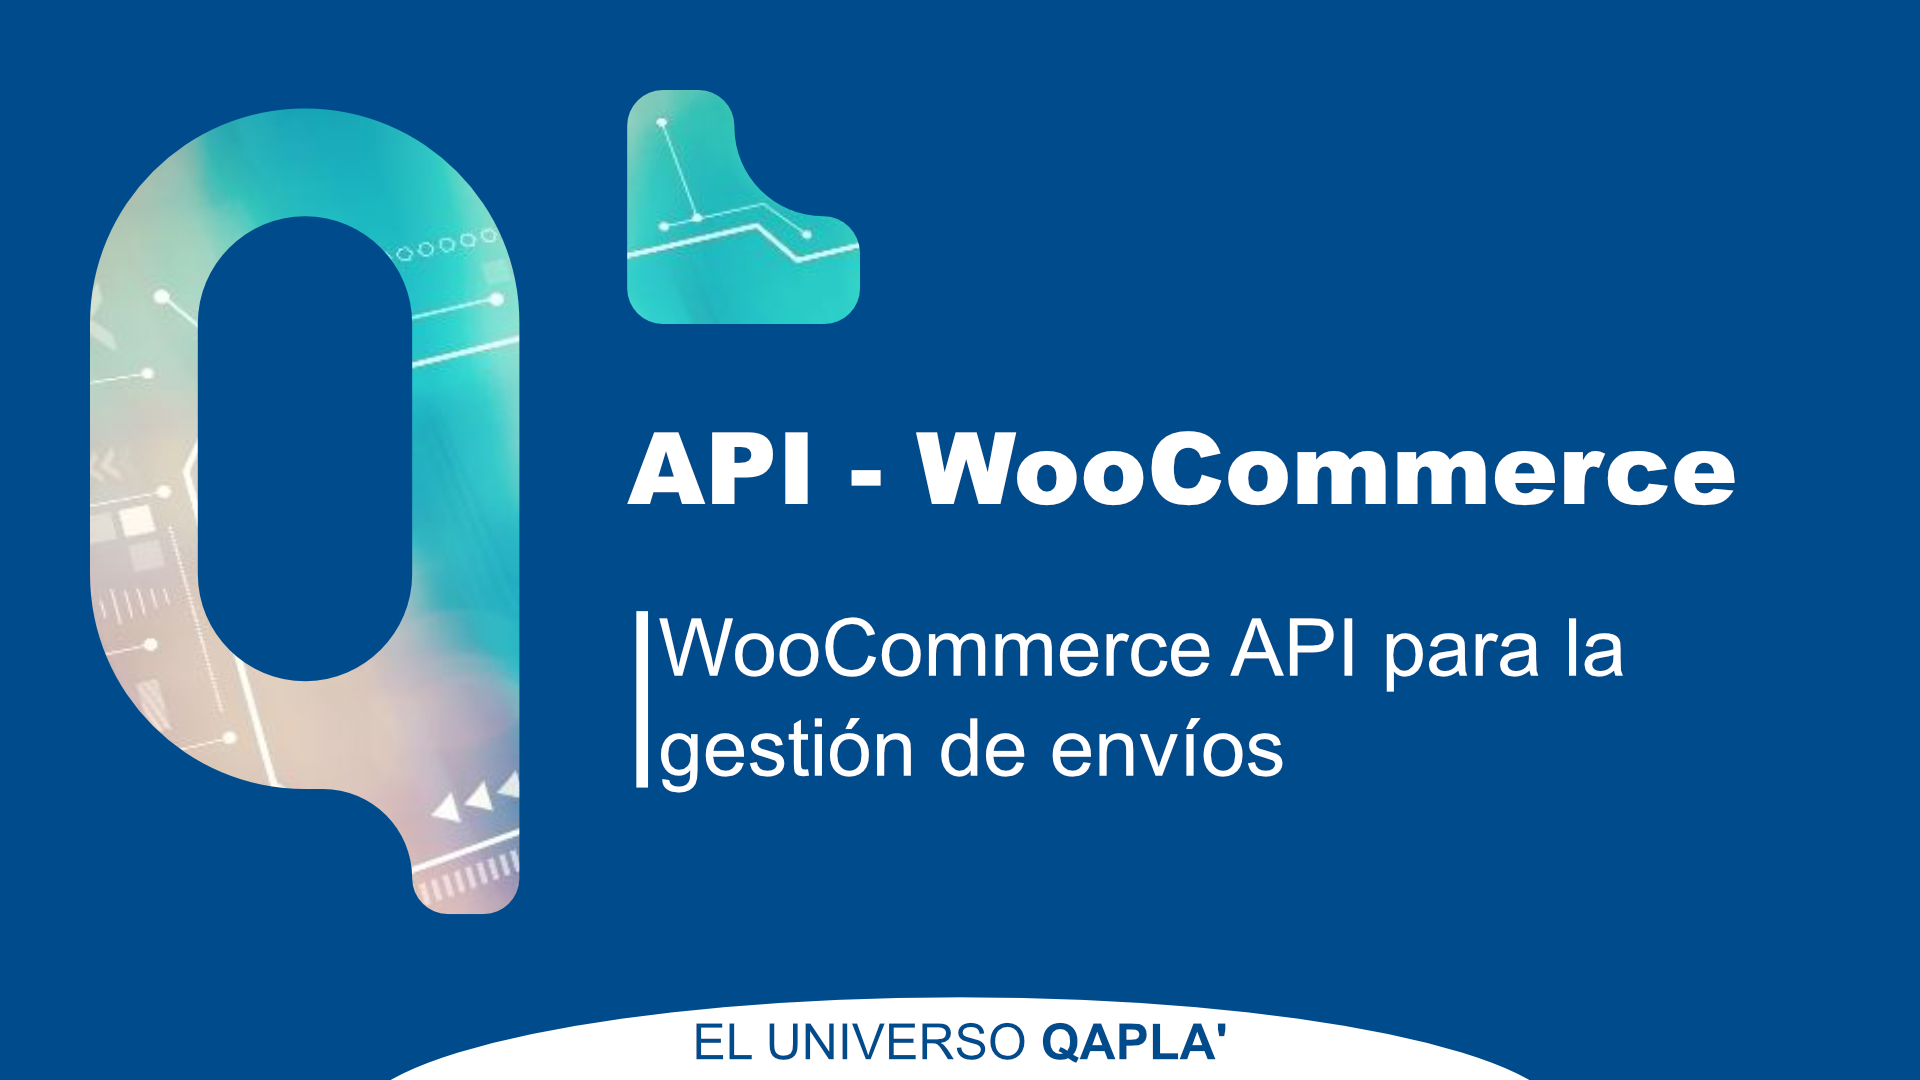 WooCommerce API para la gestión de envíos